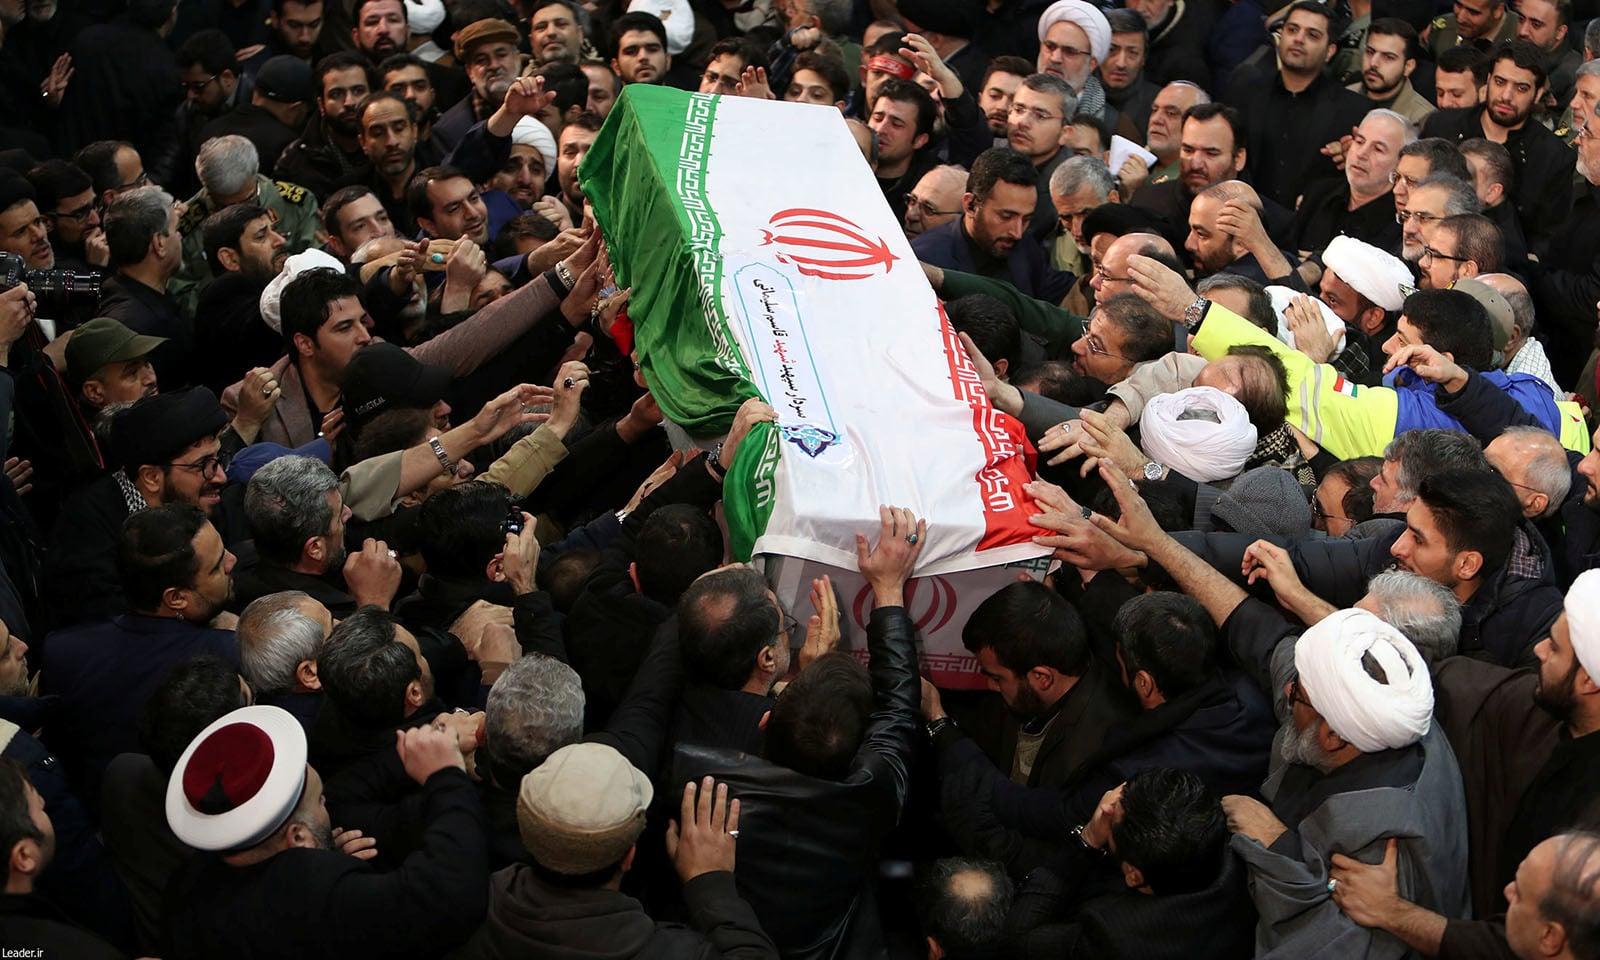 ایرانی کمانڈر کی نمازِ جنازہ کے موقع پر لاکھوں سوگواران نے انہیں خراج عقیدت پیش کیا — فوٹو: رائٹرز